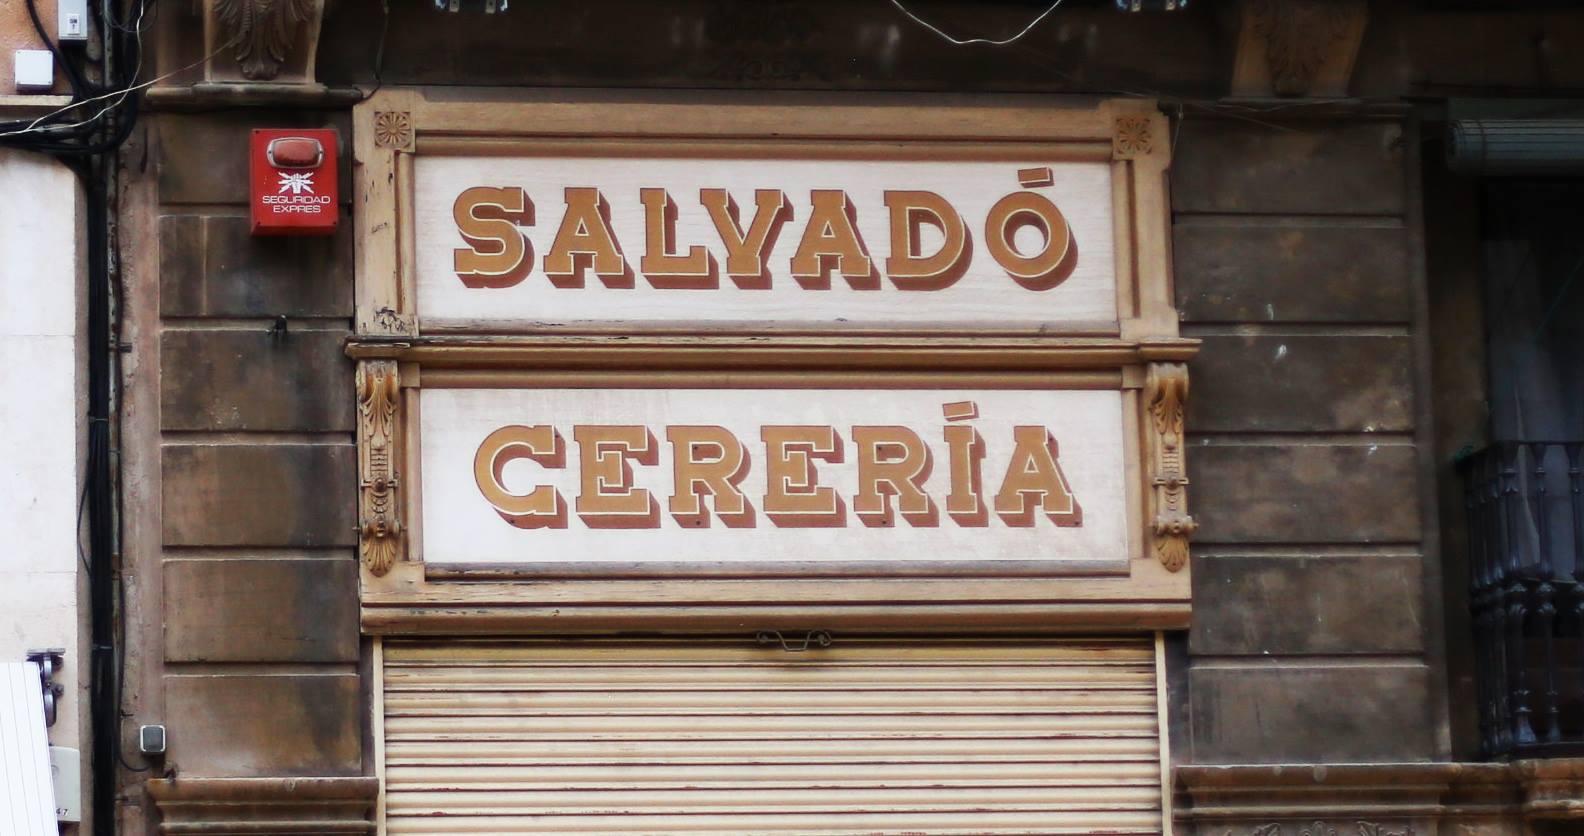 Salvadó Cereria, esmaltes sinteticos sobre madera; autor desconocido. #reus — en Reus.